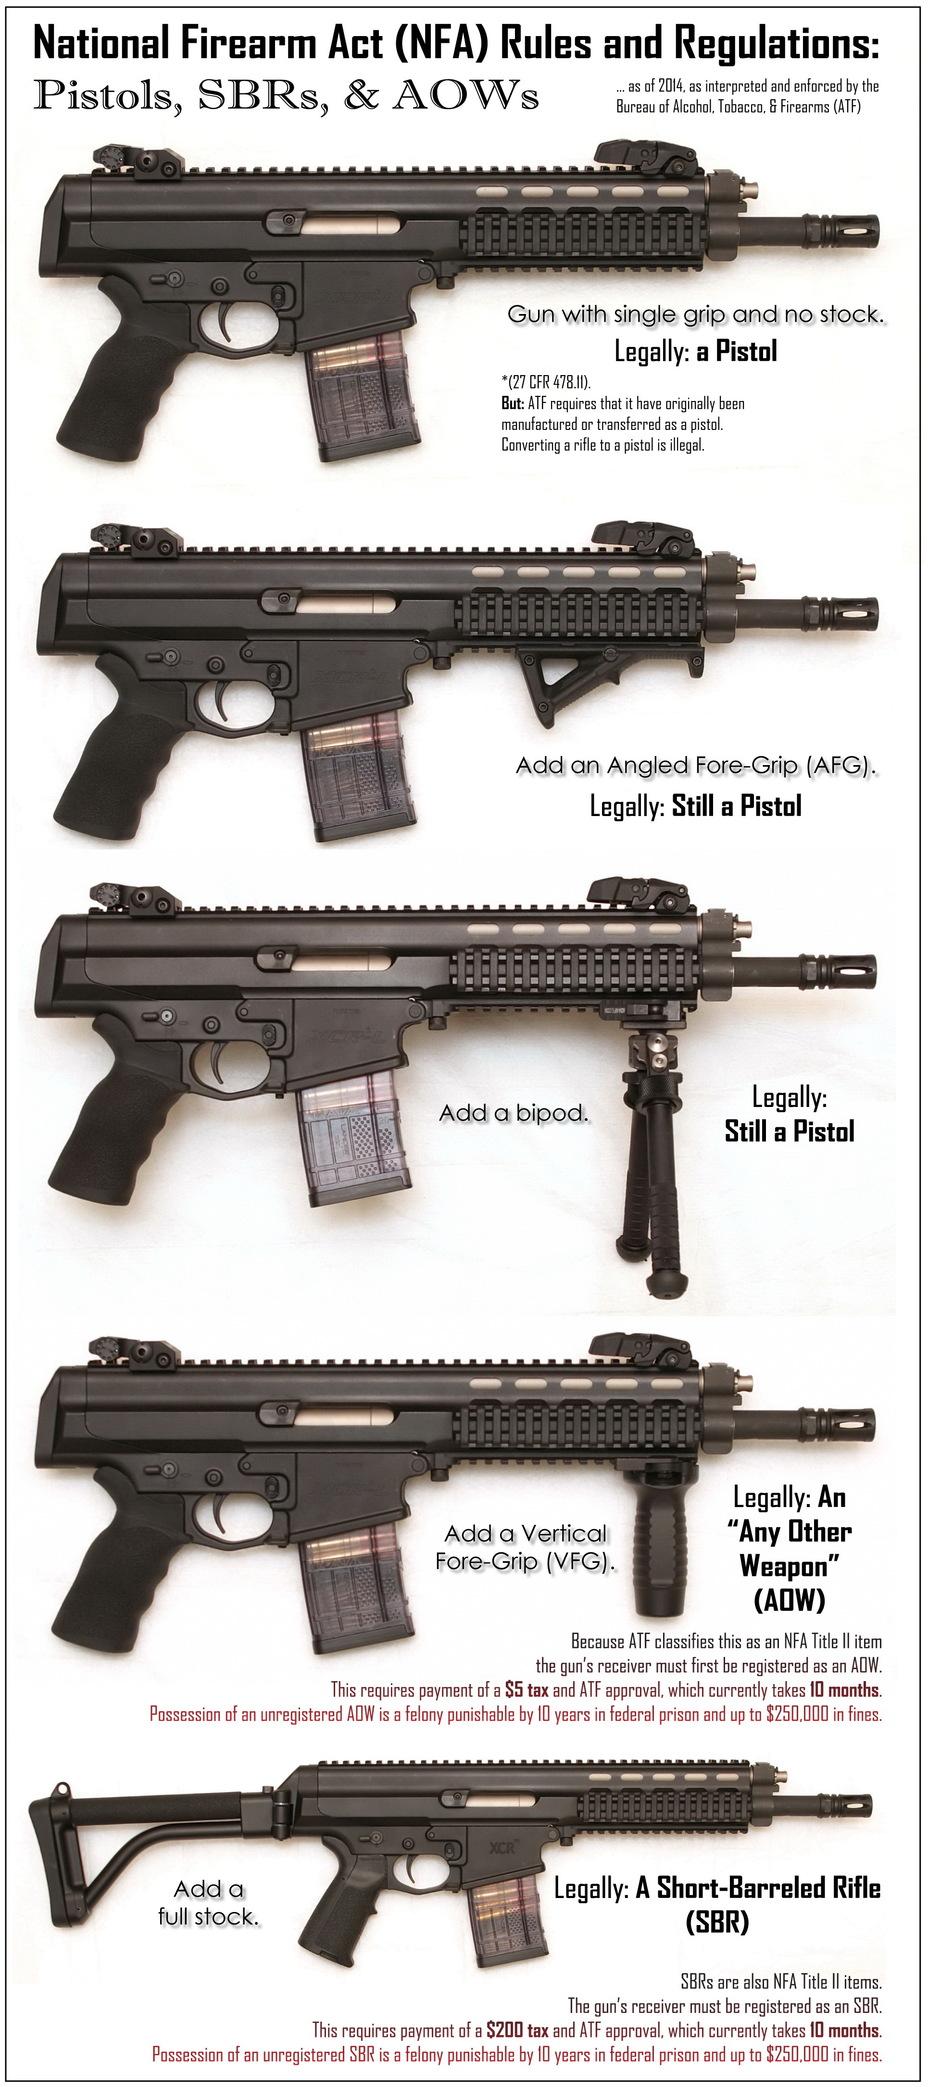 Одна и та же модель винтовки с различными аксессуарами в США может считаться пистолетом, короткоствольной винтовкой и «другим оружием» imgur.com - Big Guns выходят из моды | Военно-исторический портал Warspot.ru